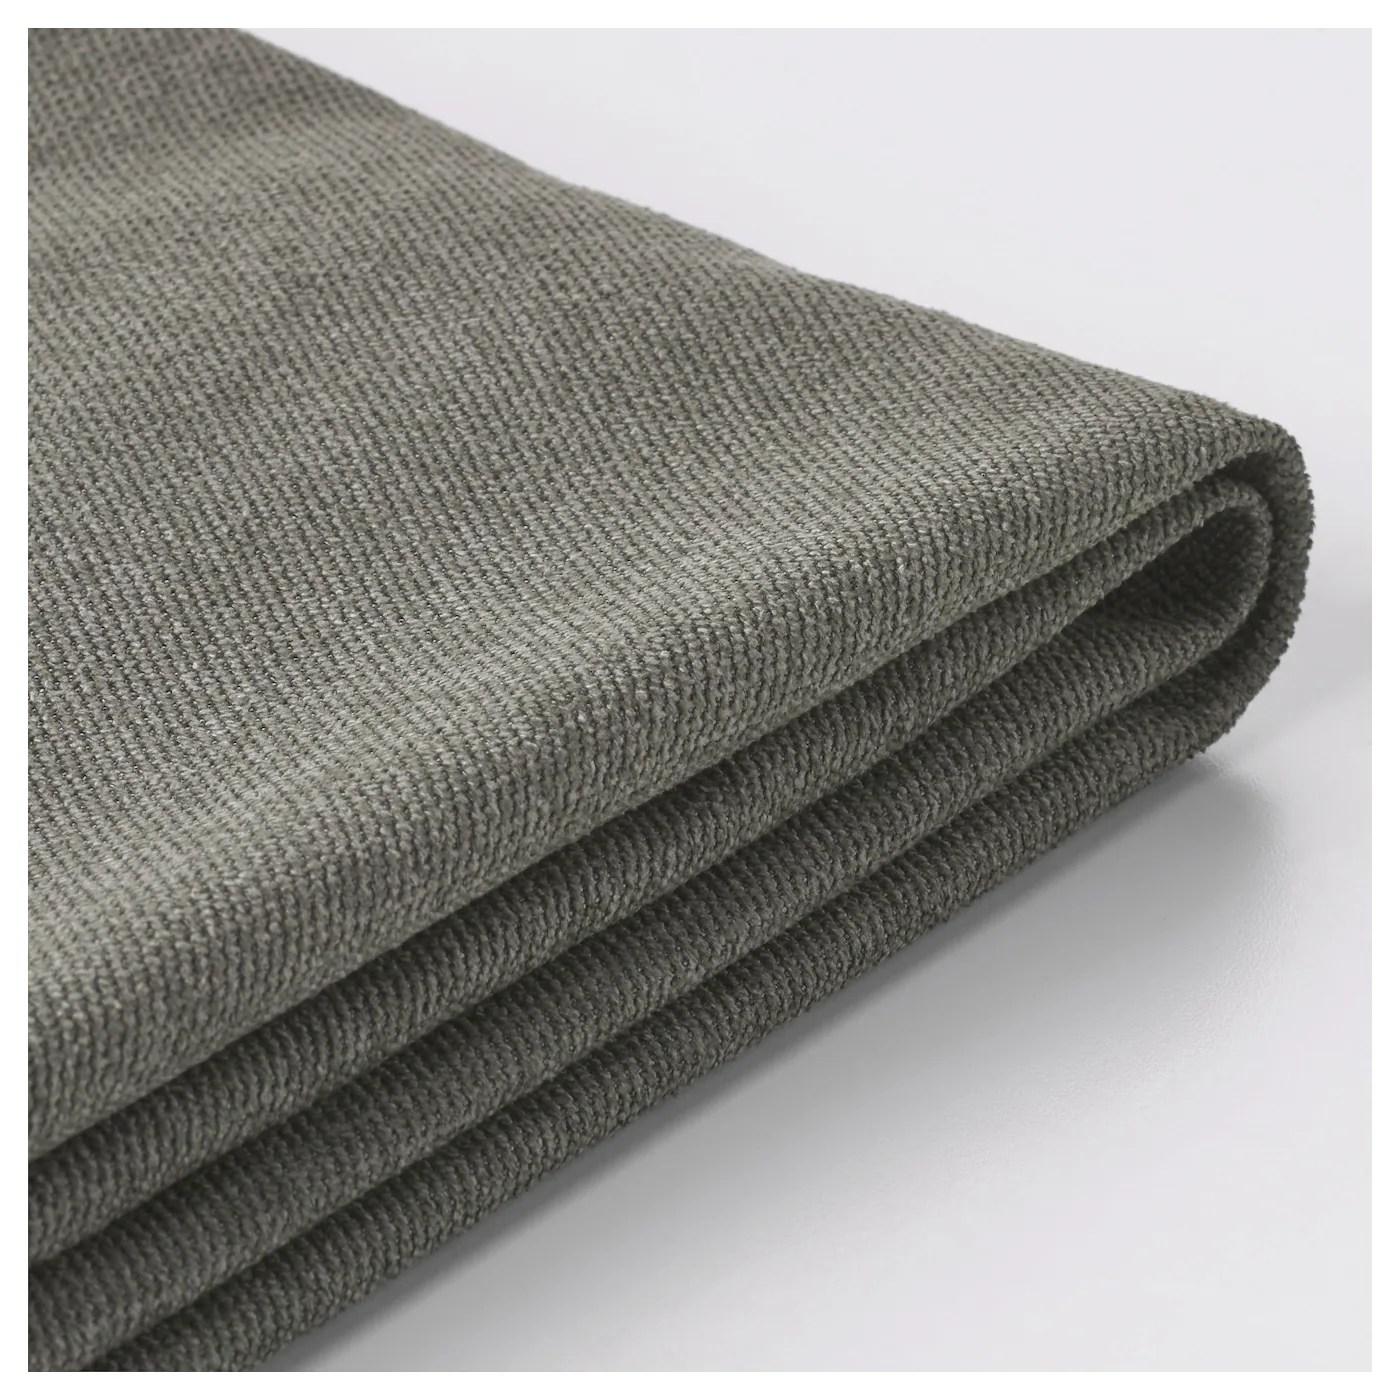 Modesto 5 amazon granfoulard, divano. Fodere Per Divani E Poltrone Ikea It